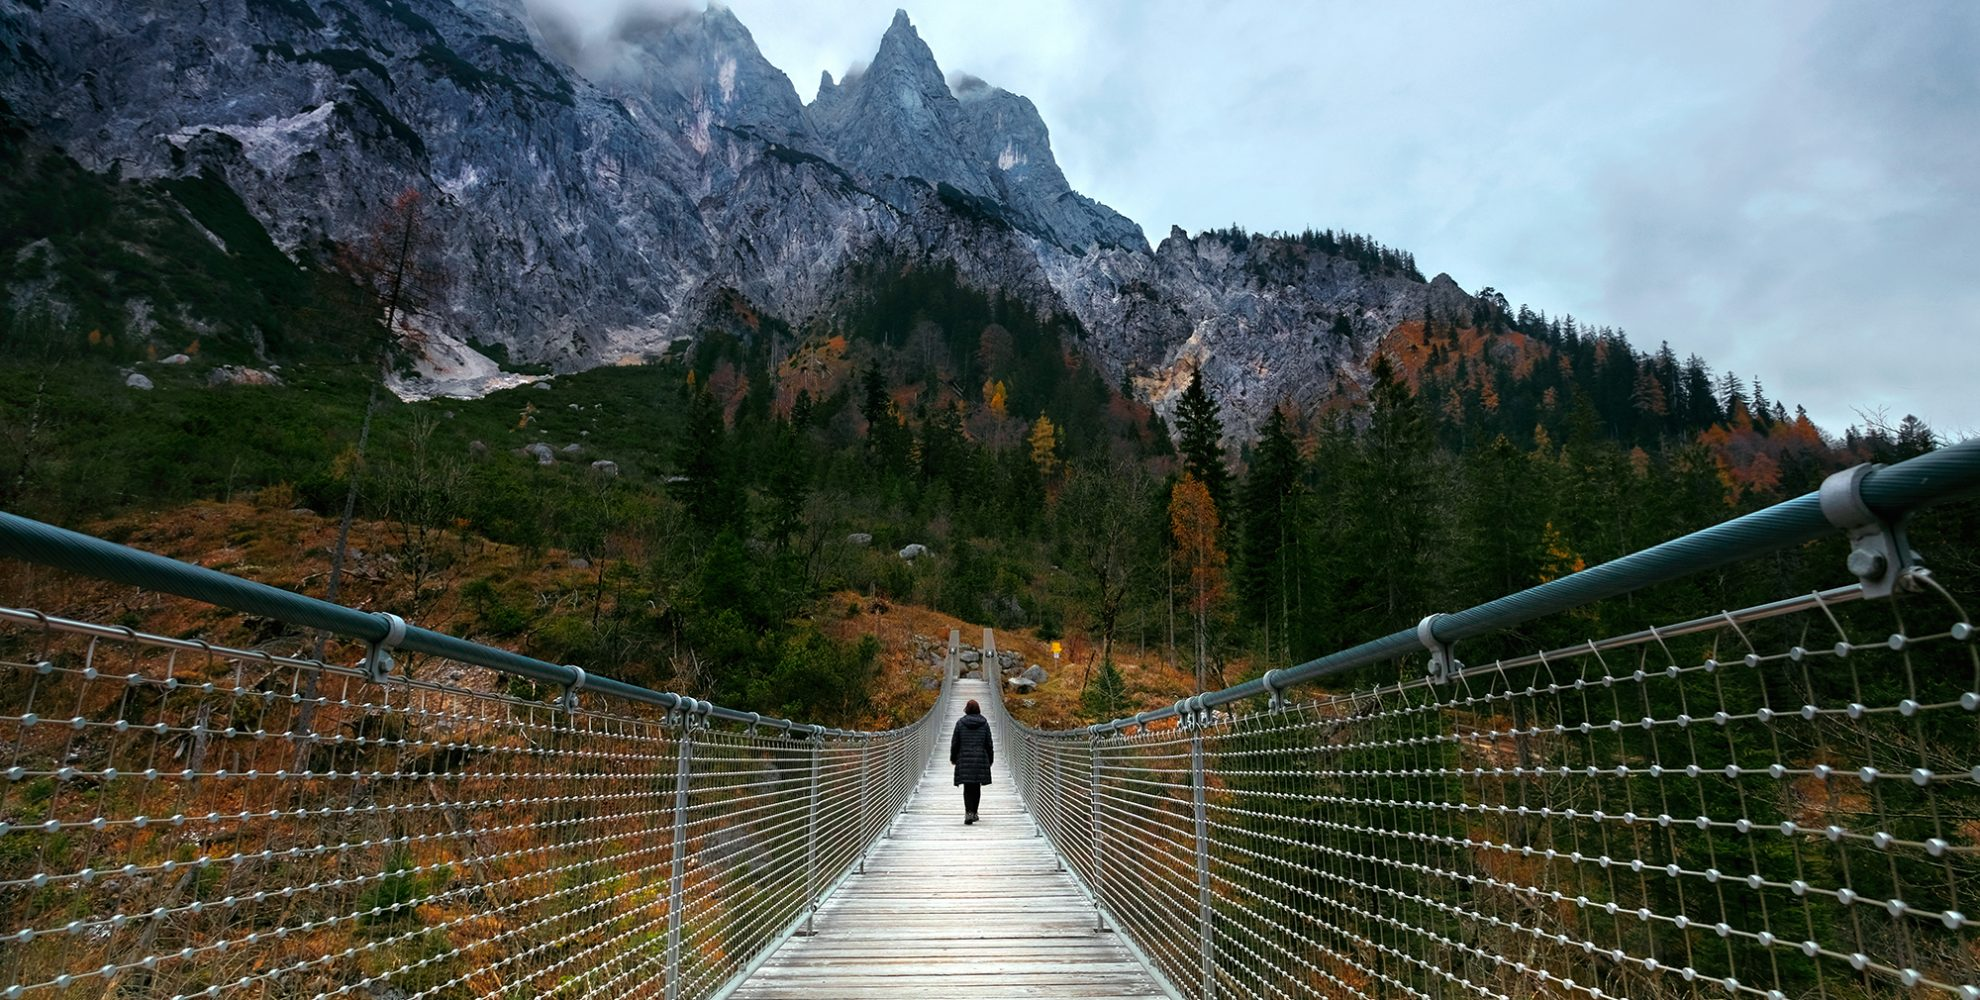 Hängseilbrücke in Berchtesgaden